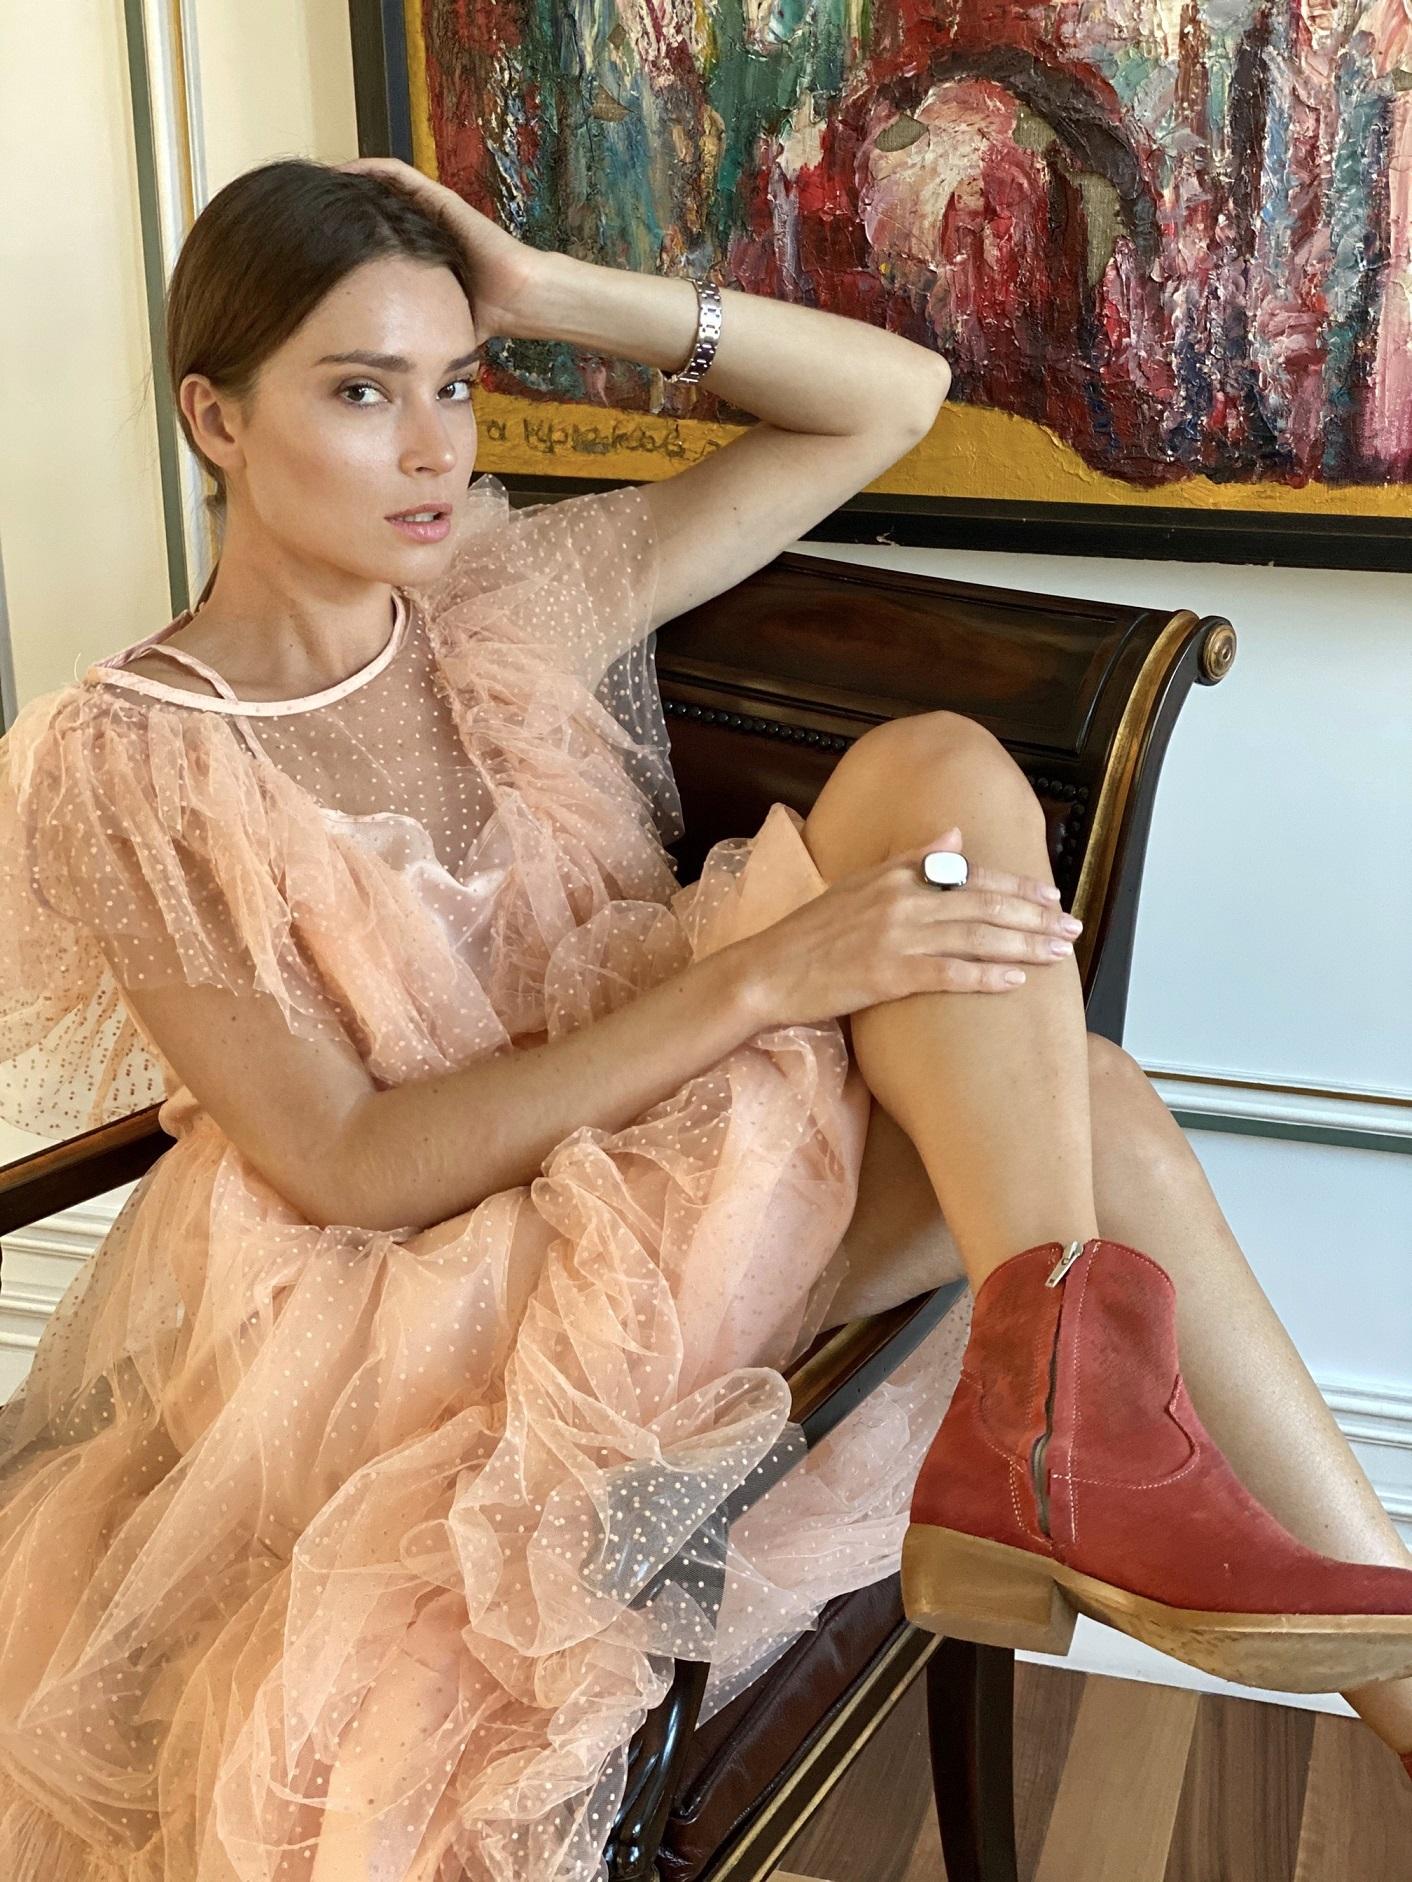 Платье, Paccia, Mademoiselle (пудра)